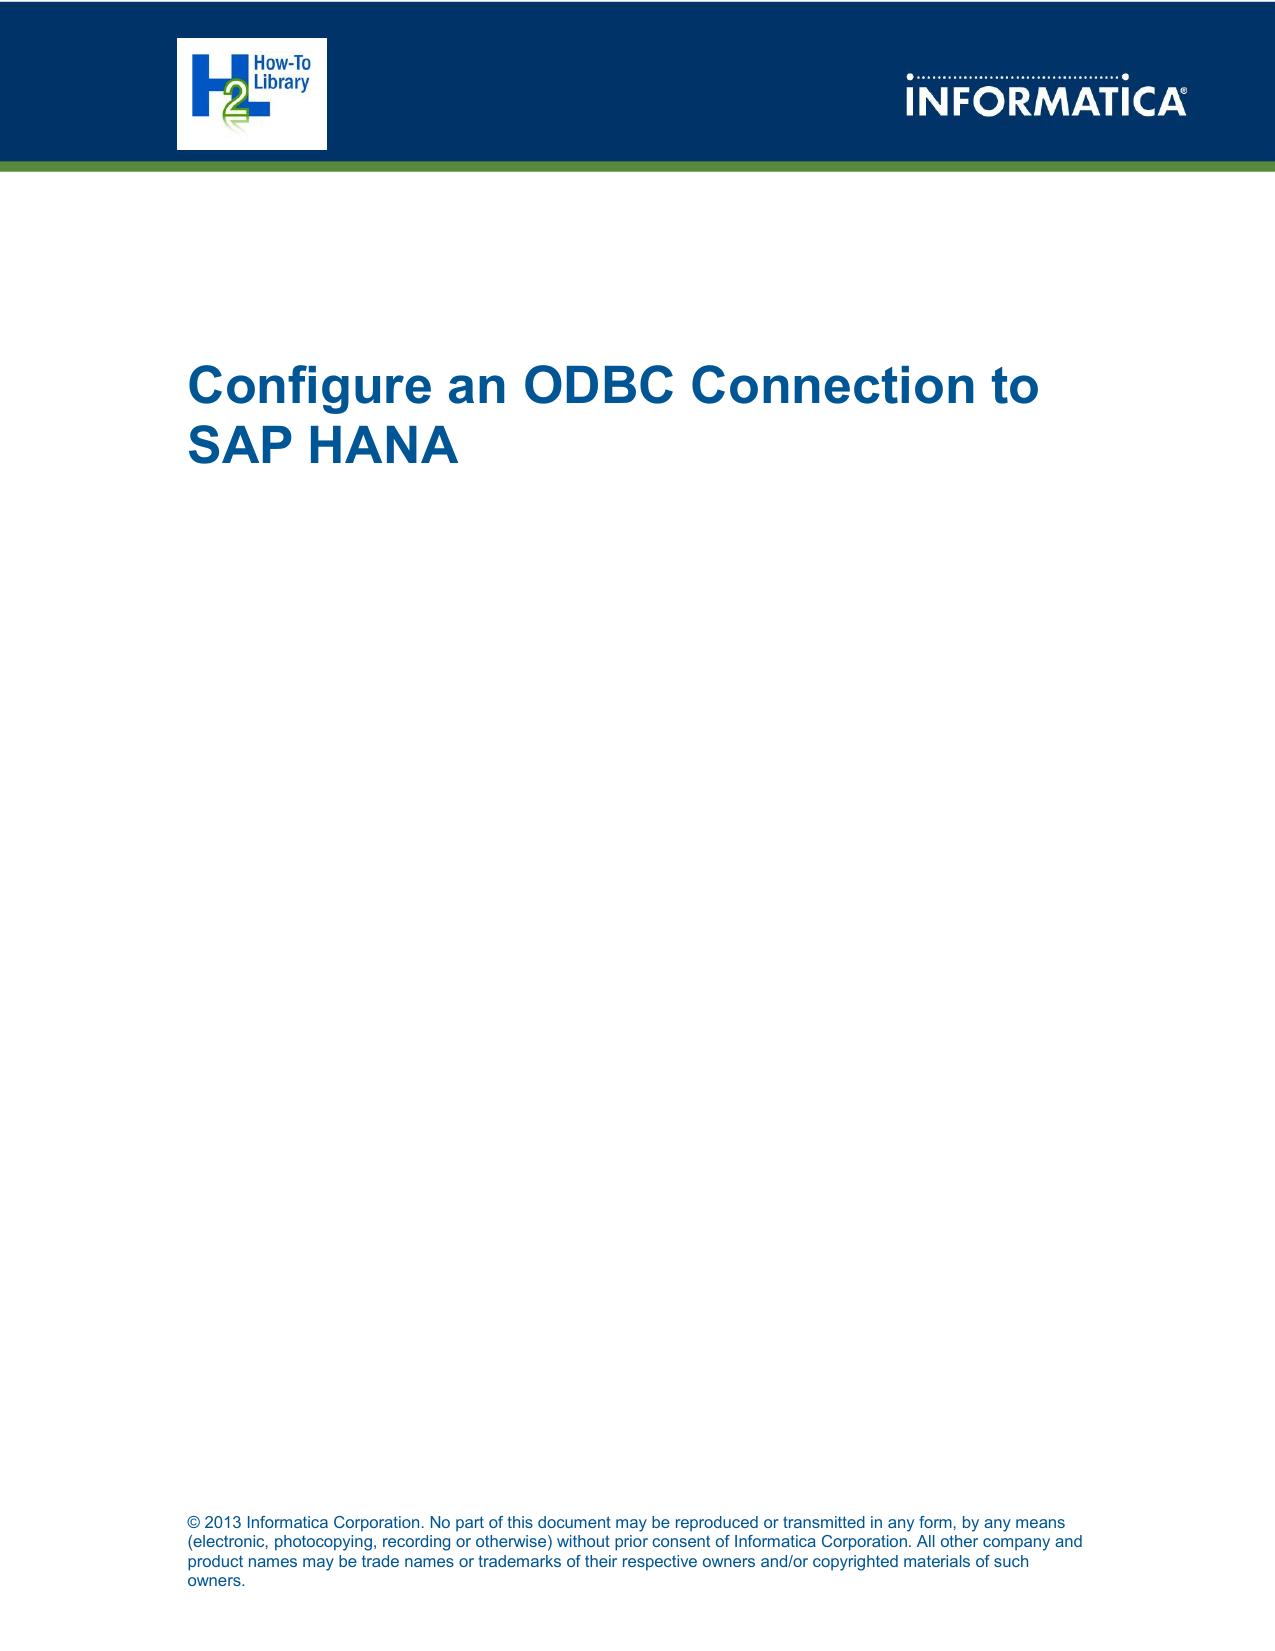 How To: Configure an ODBC Connection to SAP HANA | manualzz com